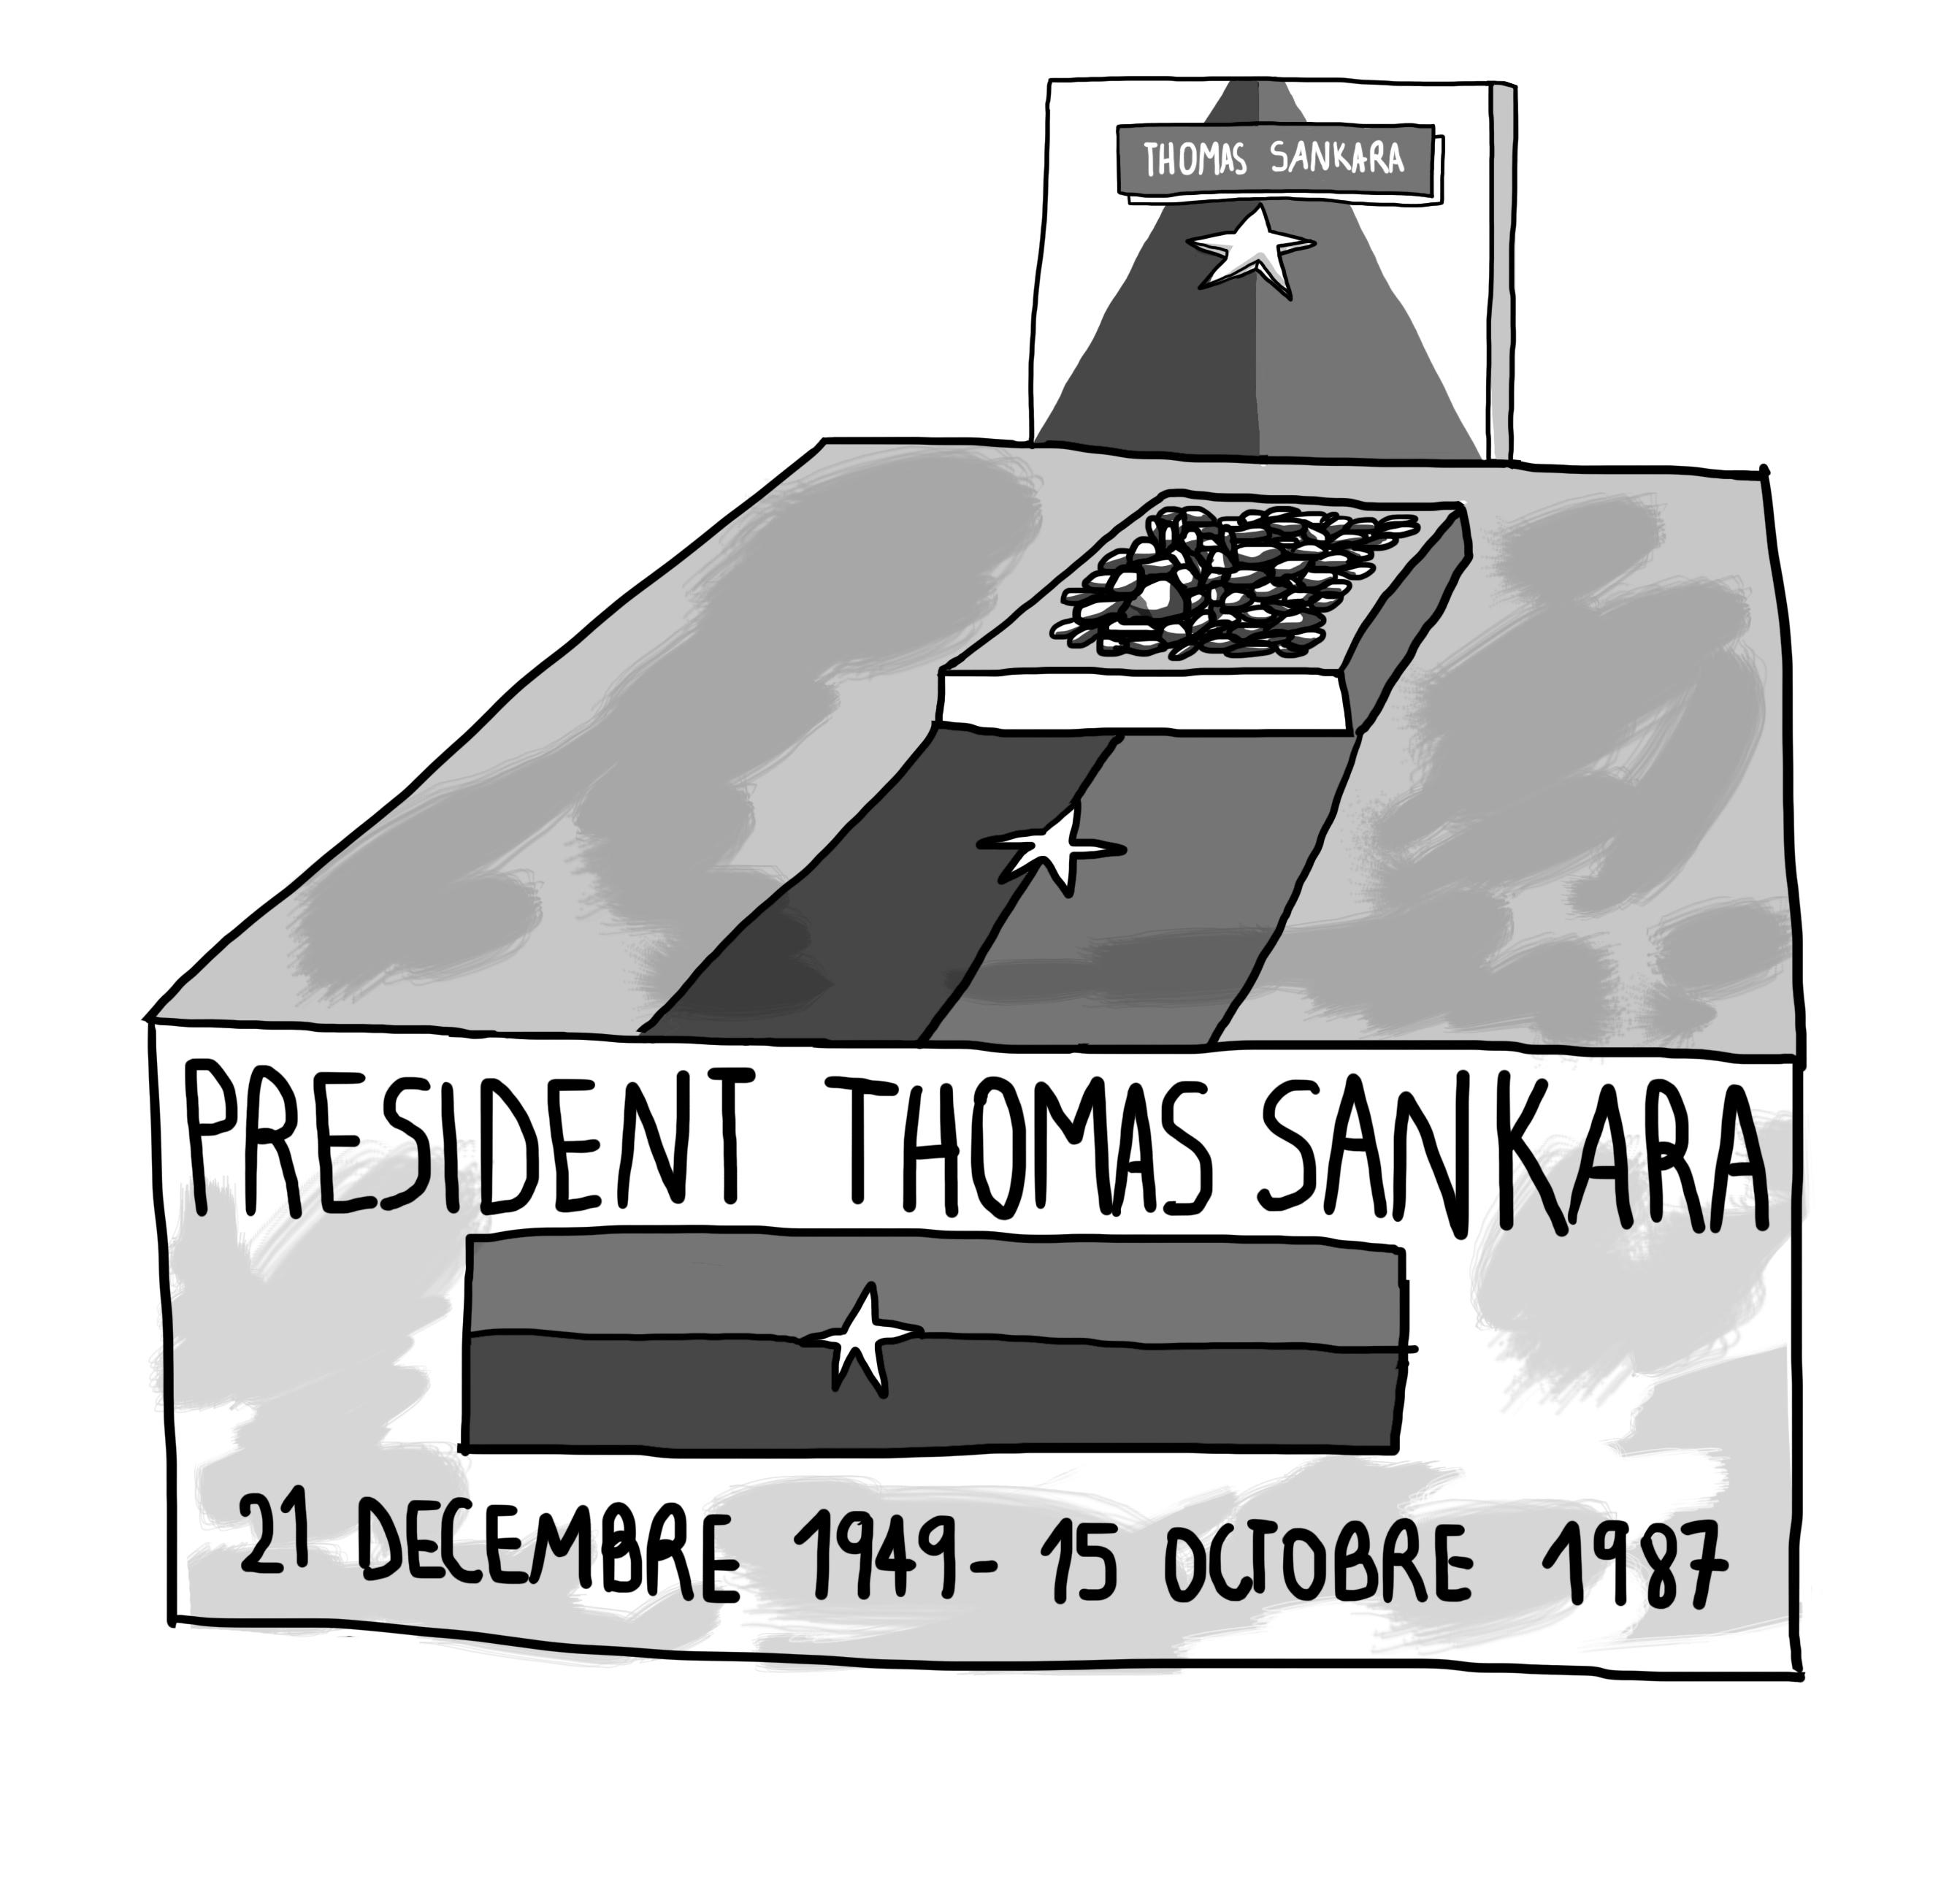 La tombe de Thomas Sankara